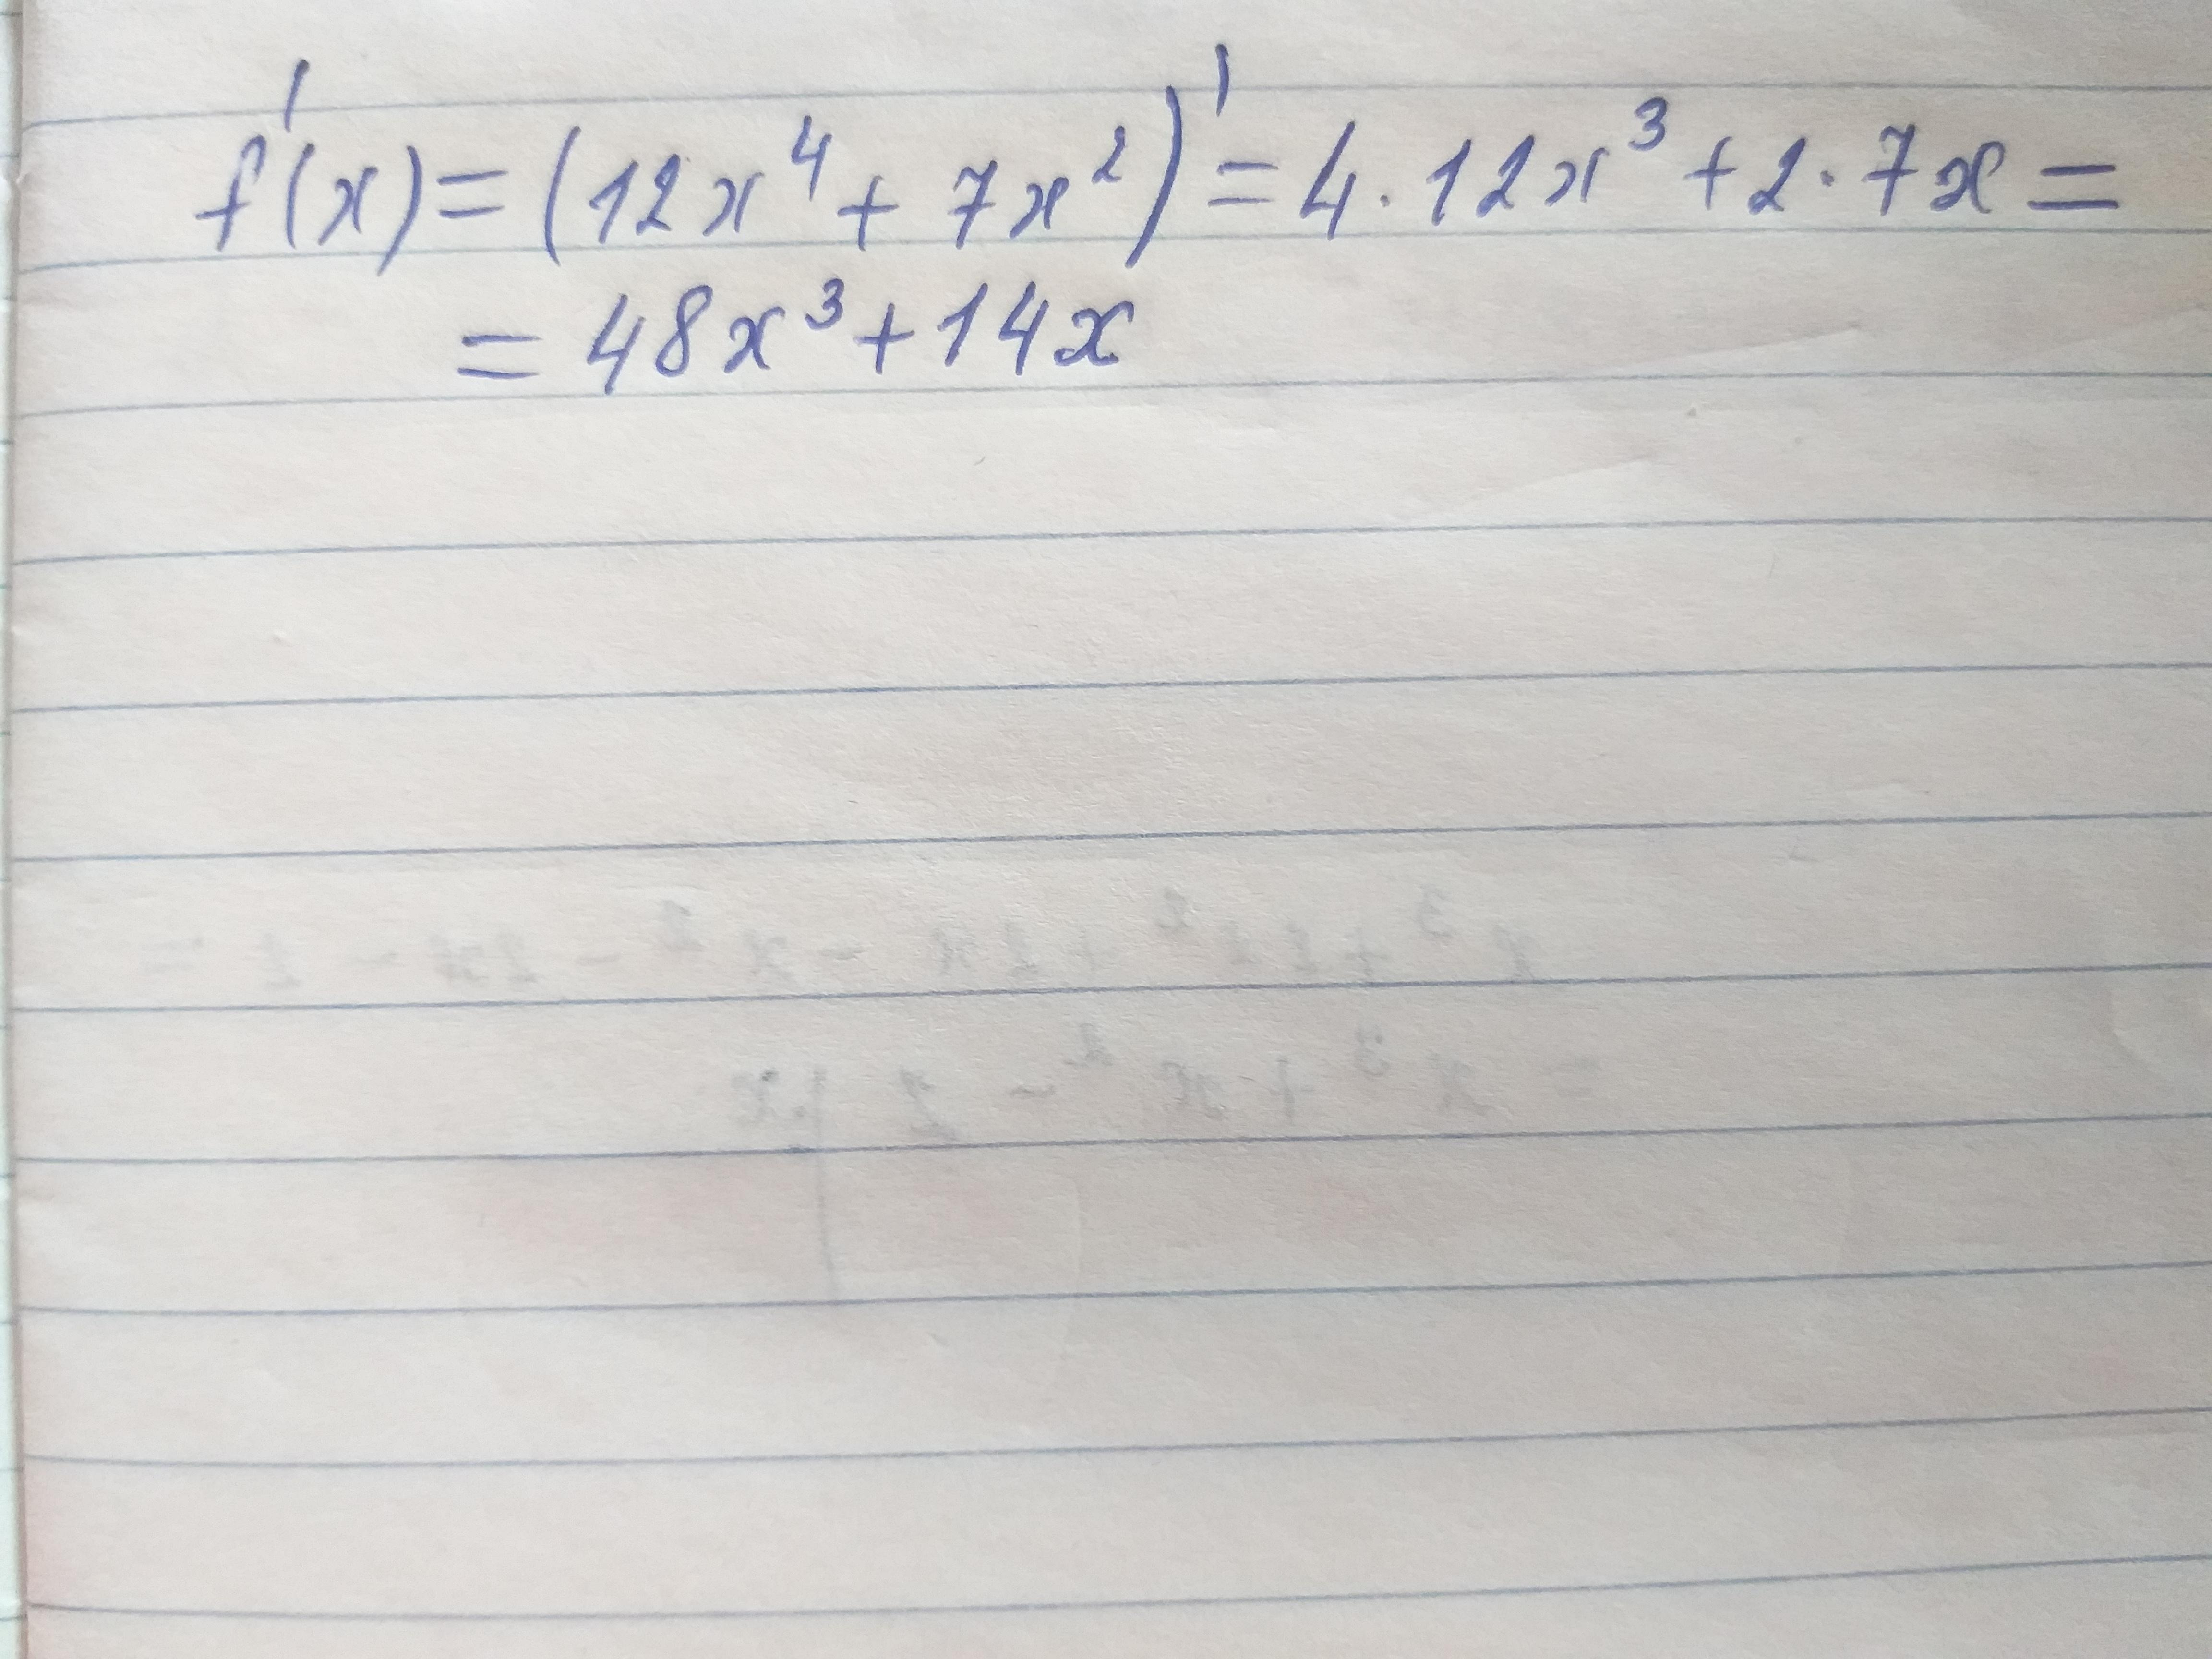 Найти производную функции  f(x)=12x^4+7x^2